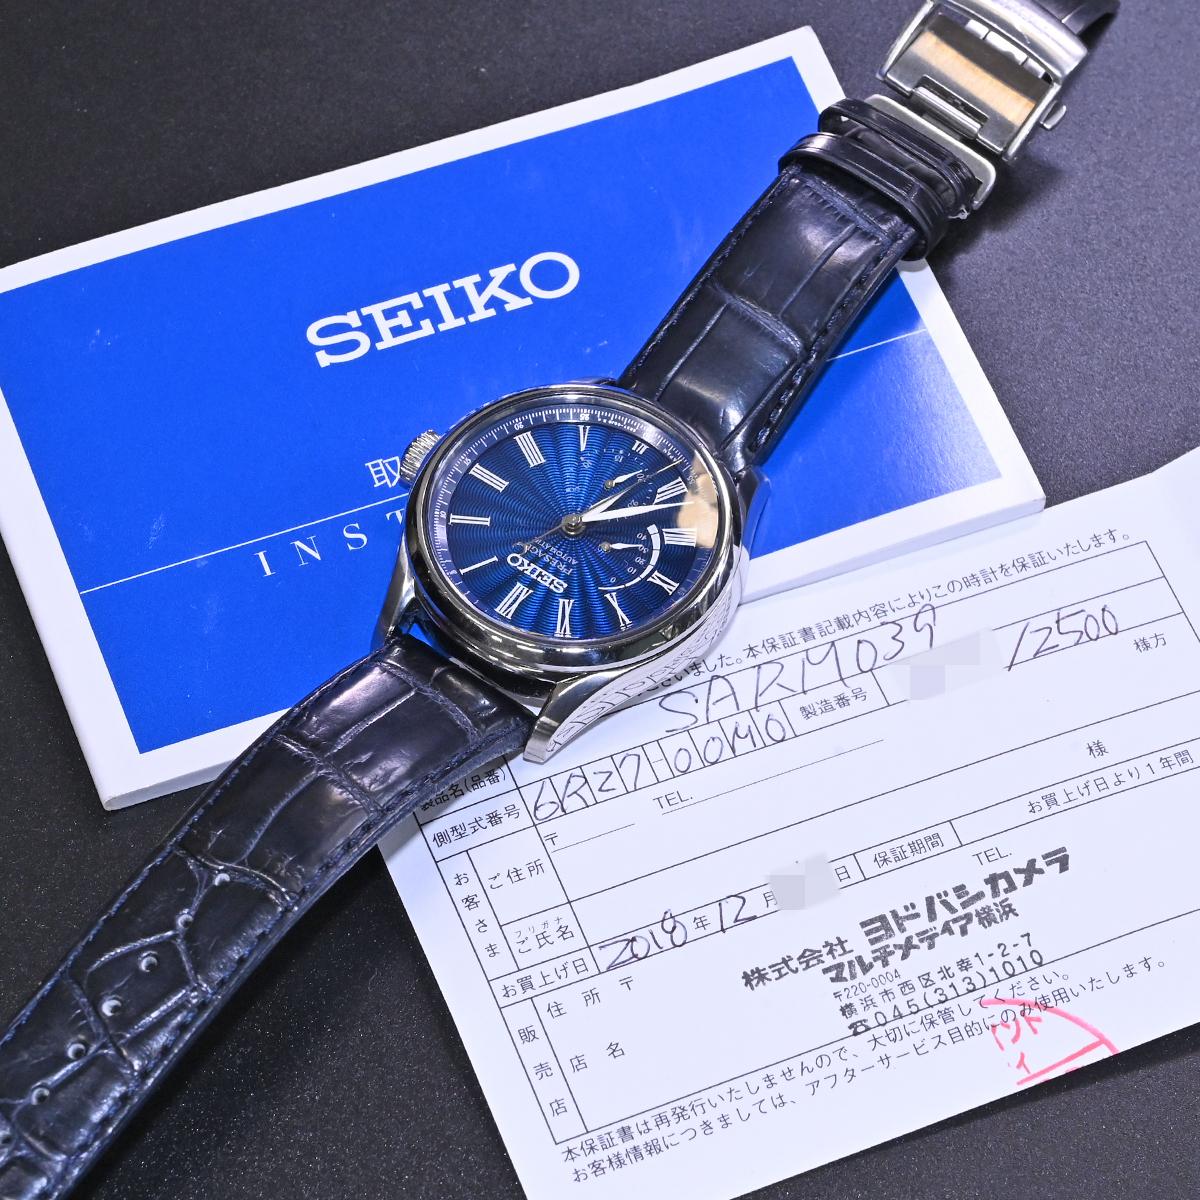 本物 美品 セイコー 限定品 SARW039 エナメル七宝文字盤 メカニカル プレサージュ メンズウォッチ 男性用自動巻腕時計 保証書 取説付 SEIKO_画像10